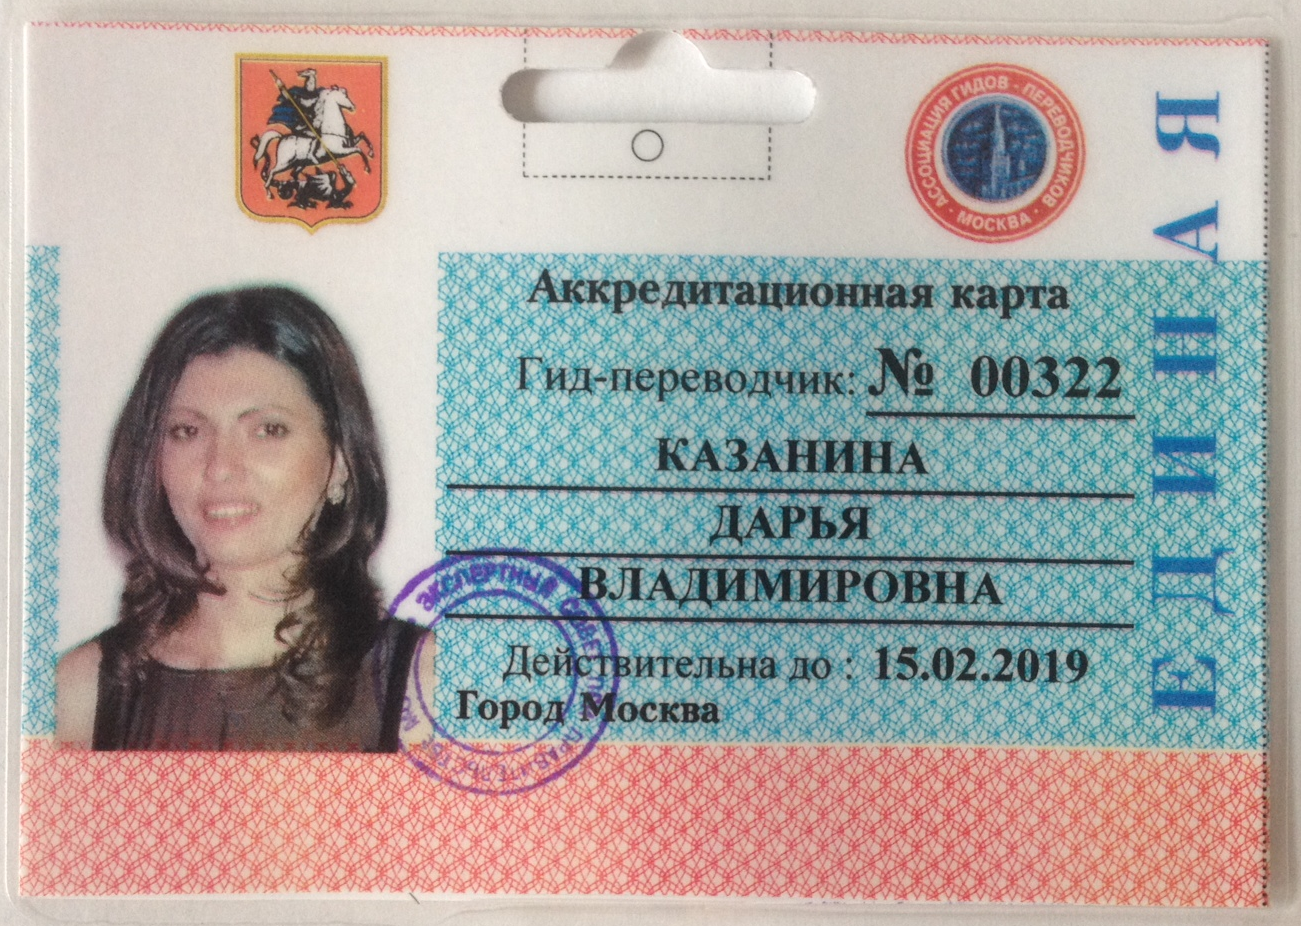 Аккредитационная Карта Гида-переводчика в Москве